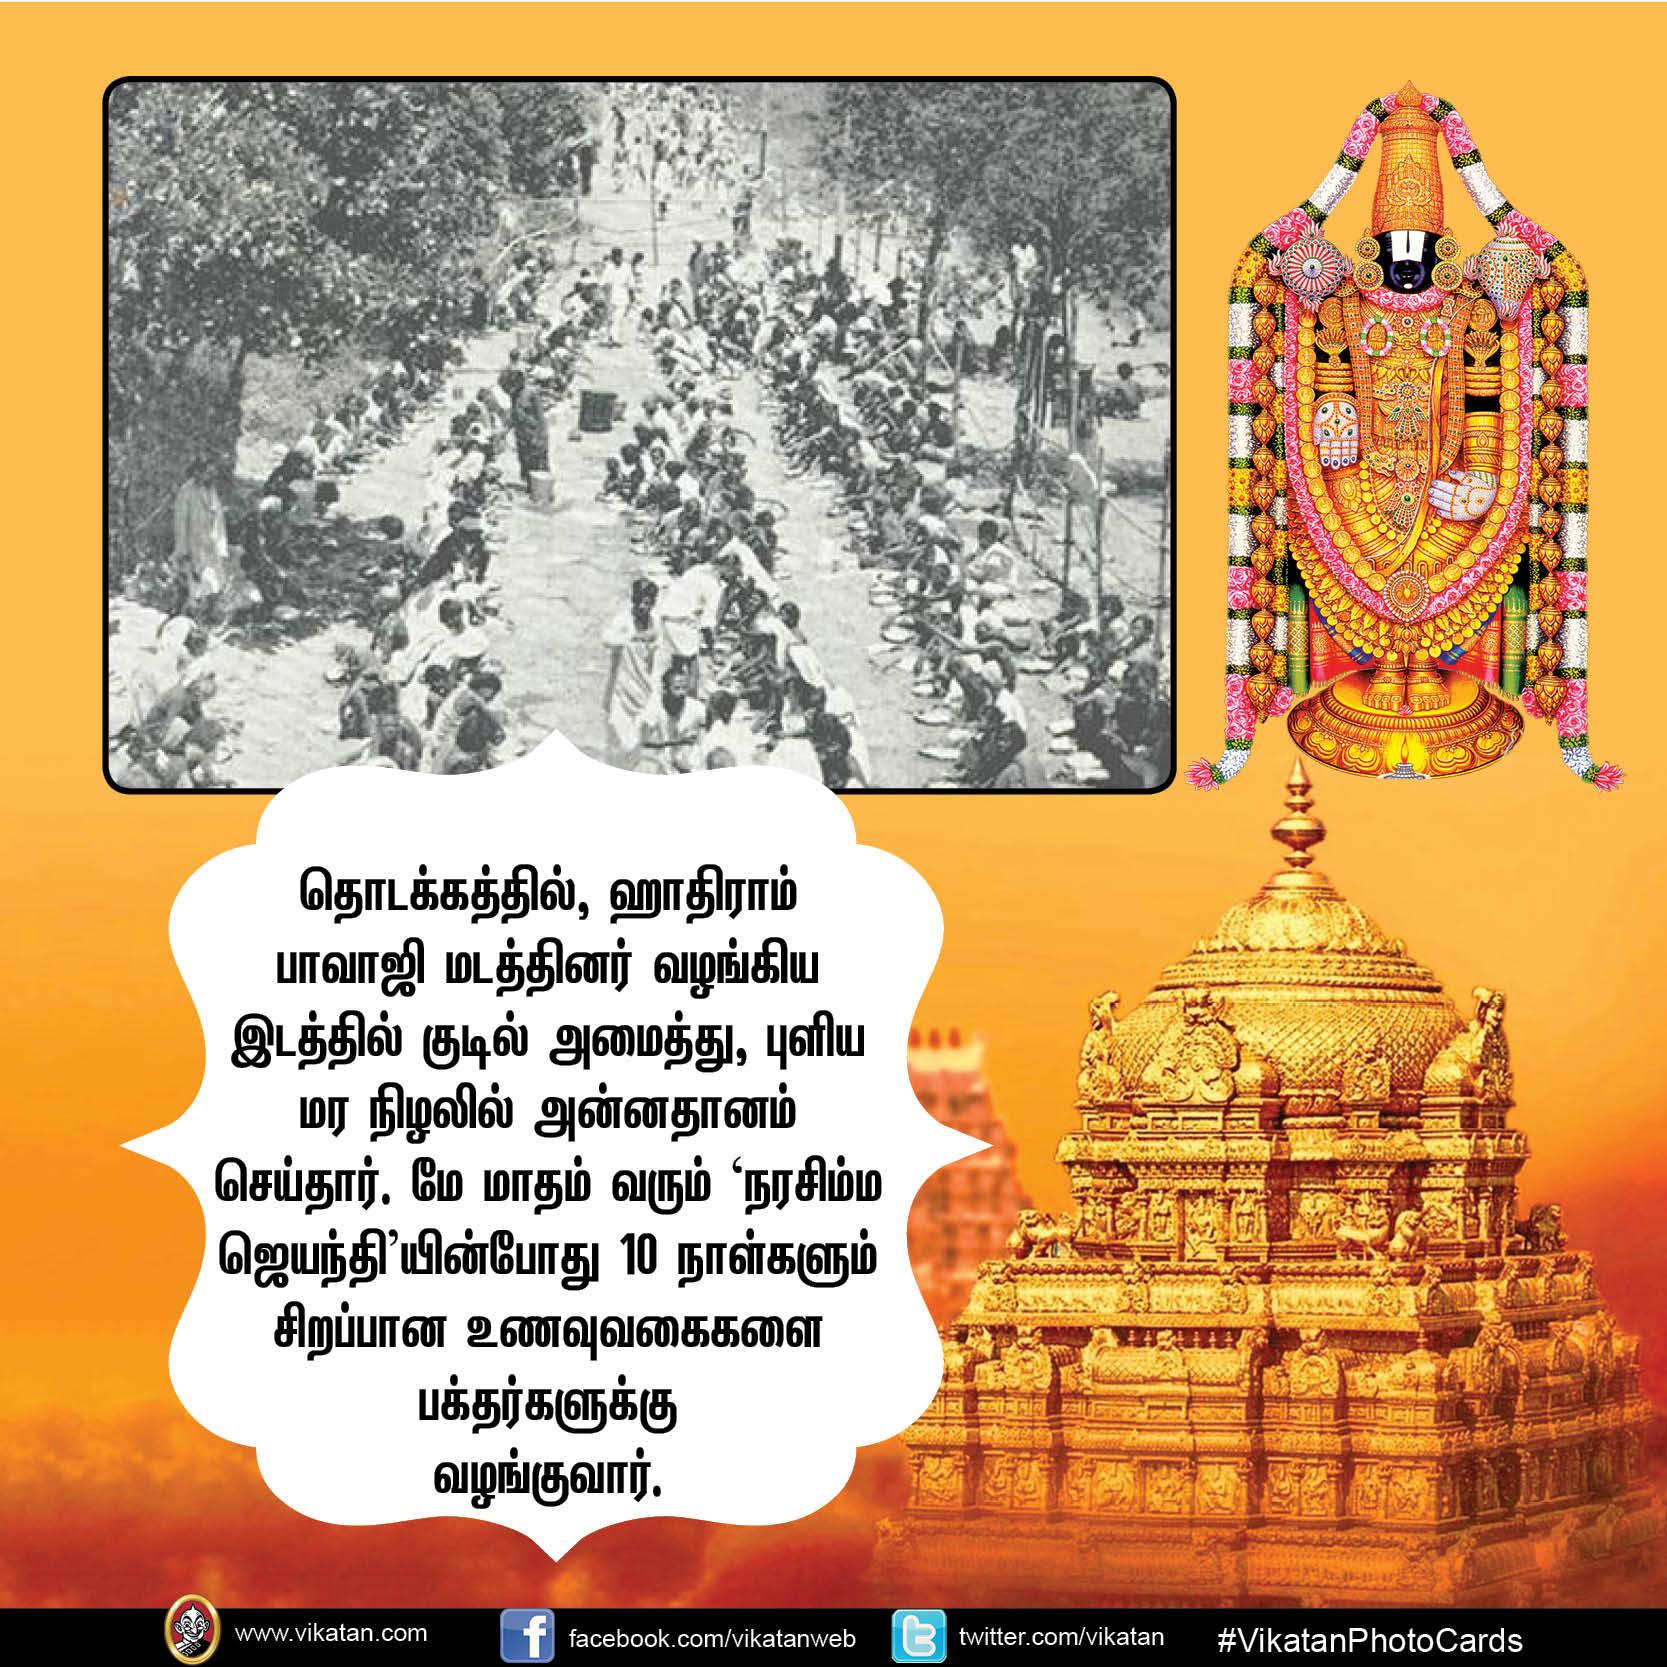 தினமும் 60,000 பேருக்கு உணவு- ஆசியாவின் பிரமாண்ட அன்னதானக்கூடம், திருப்பதி! #VikatanPhotoCards